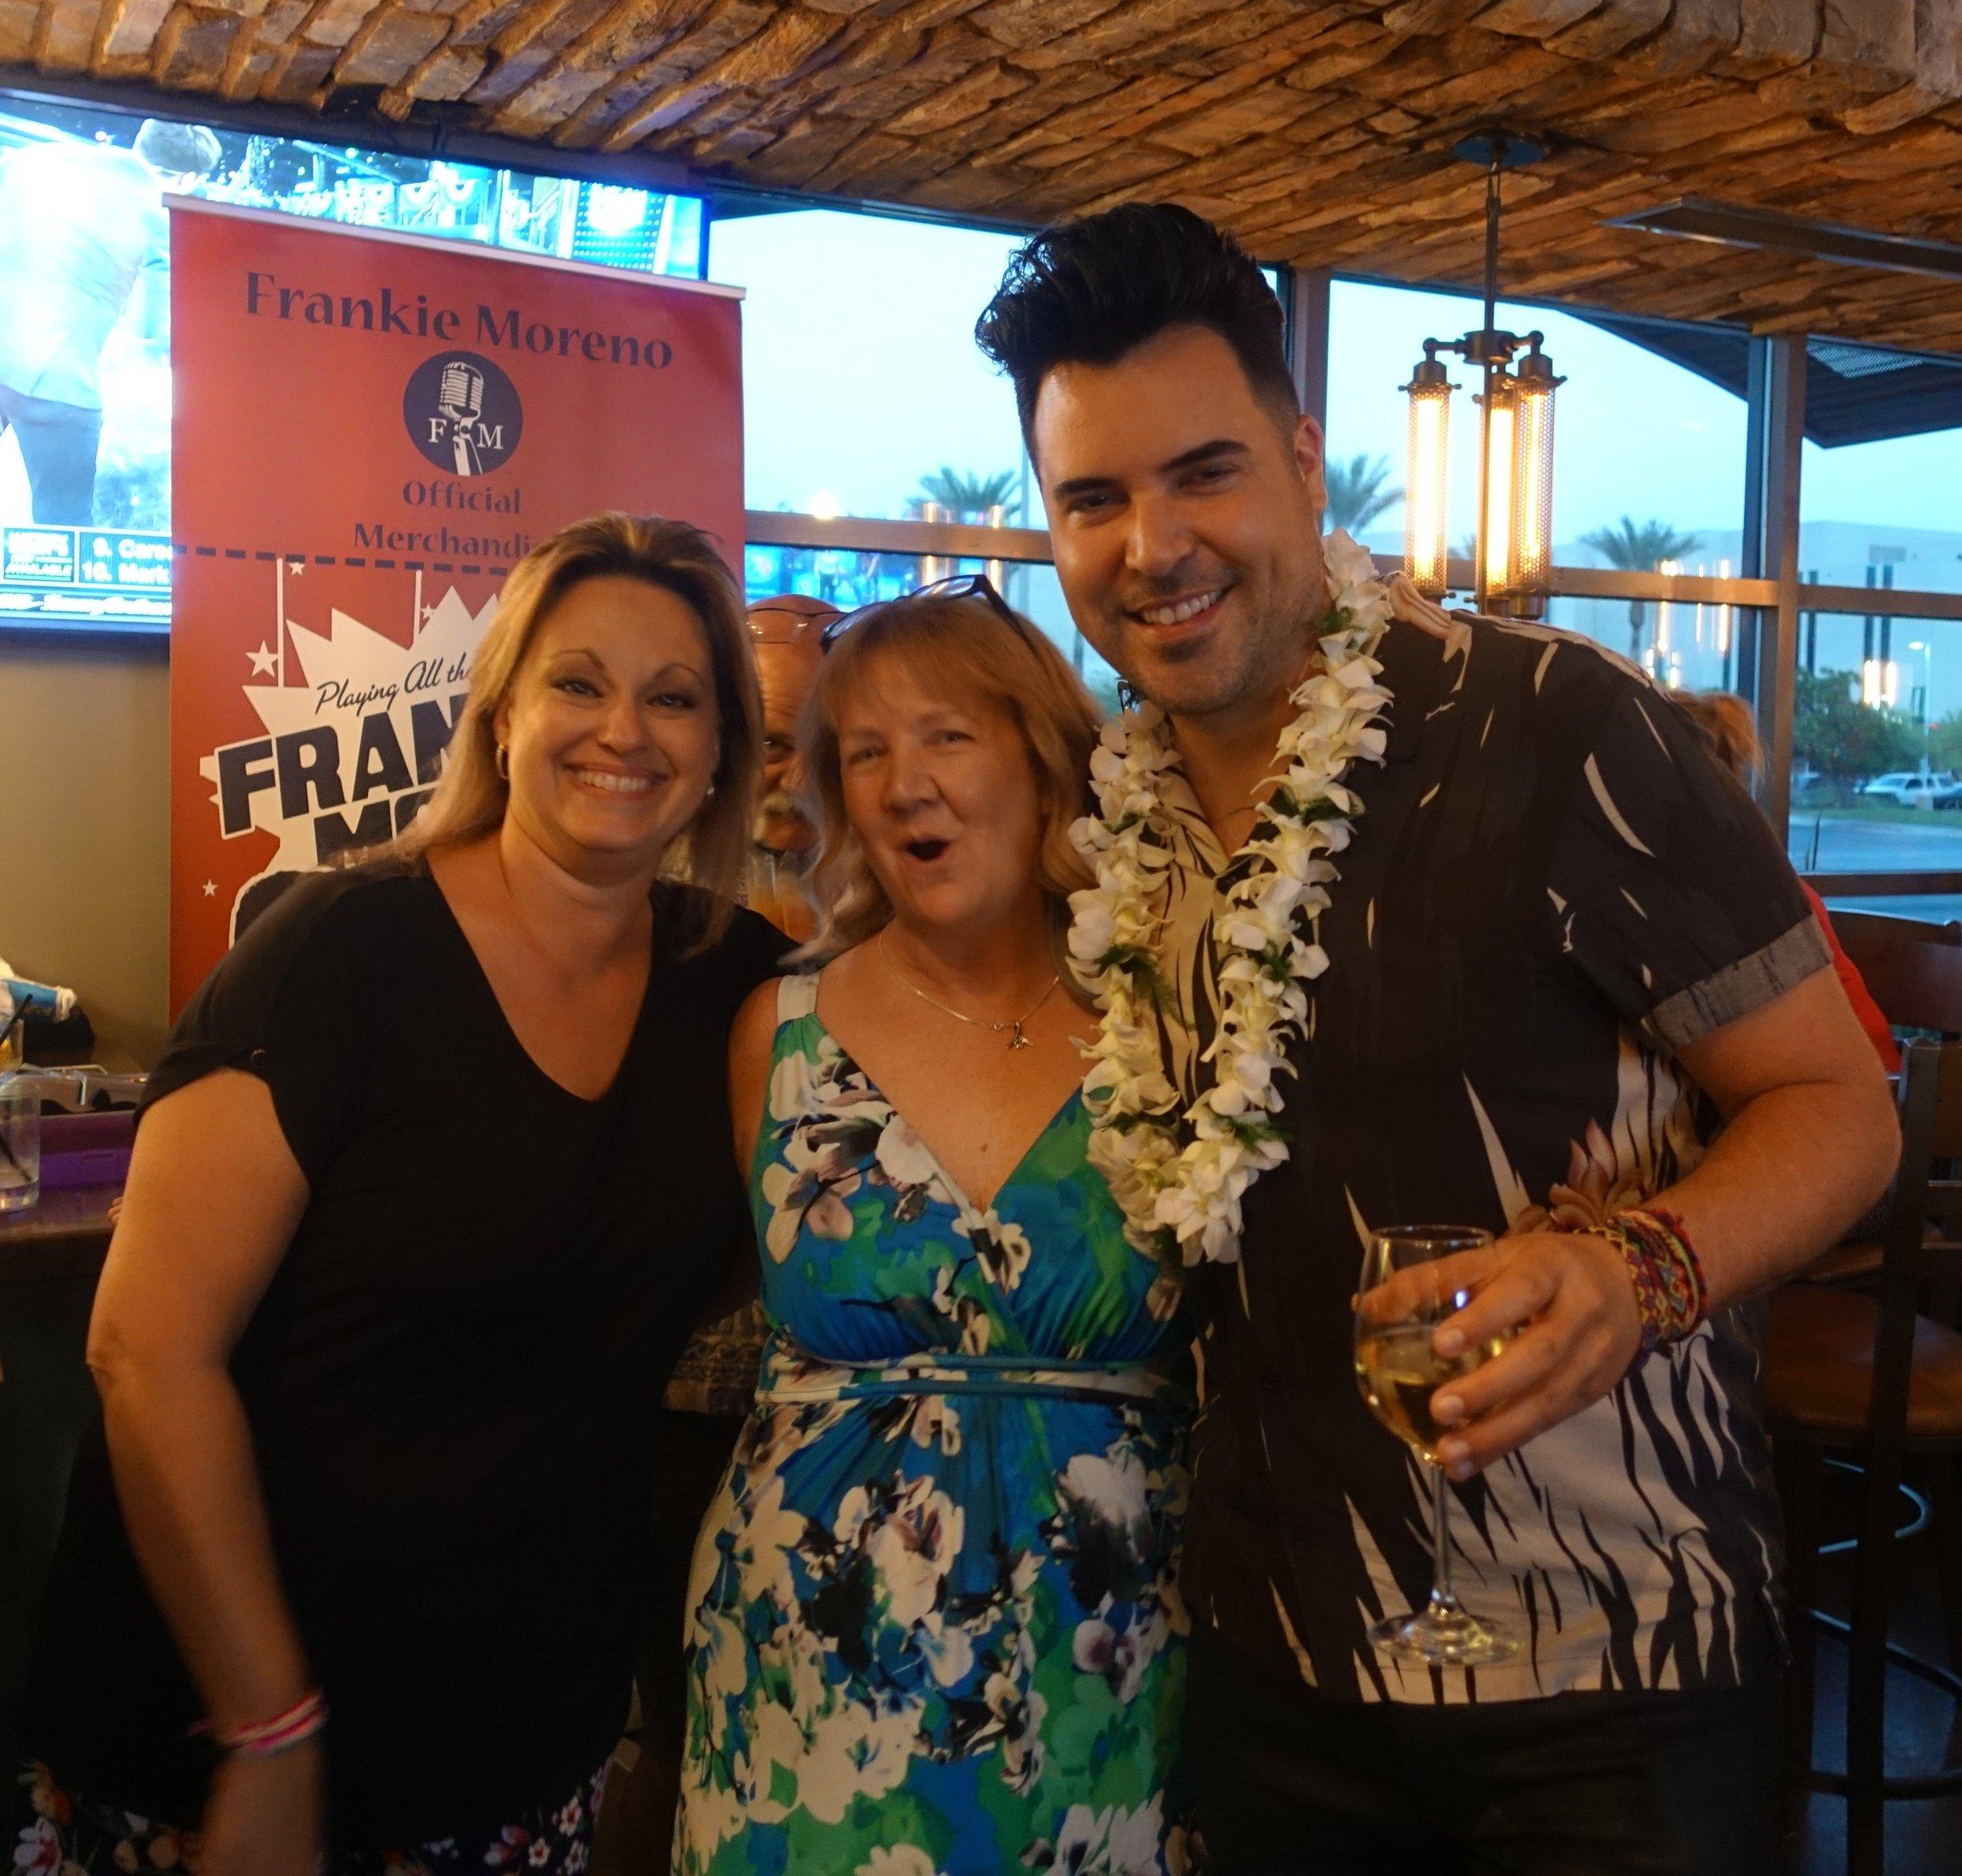 Barb, Julie and Frankie.jpg